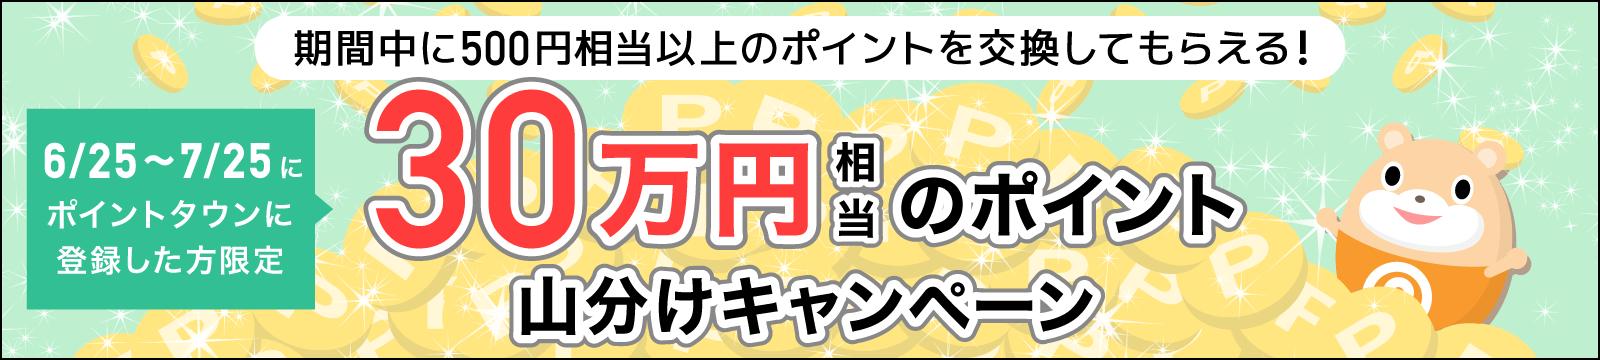 ポイントタウン 新規登録者限定 山分けキャンペーン